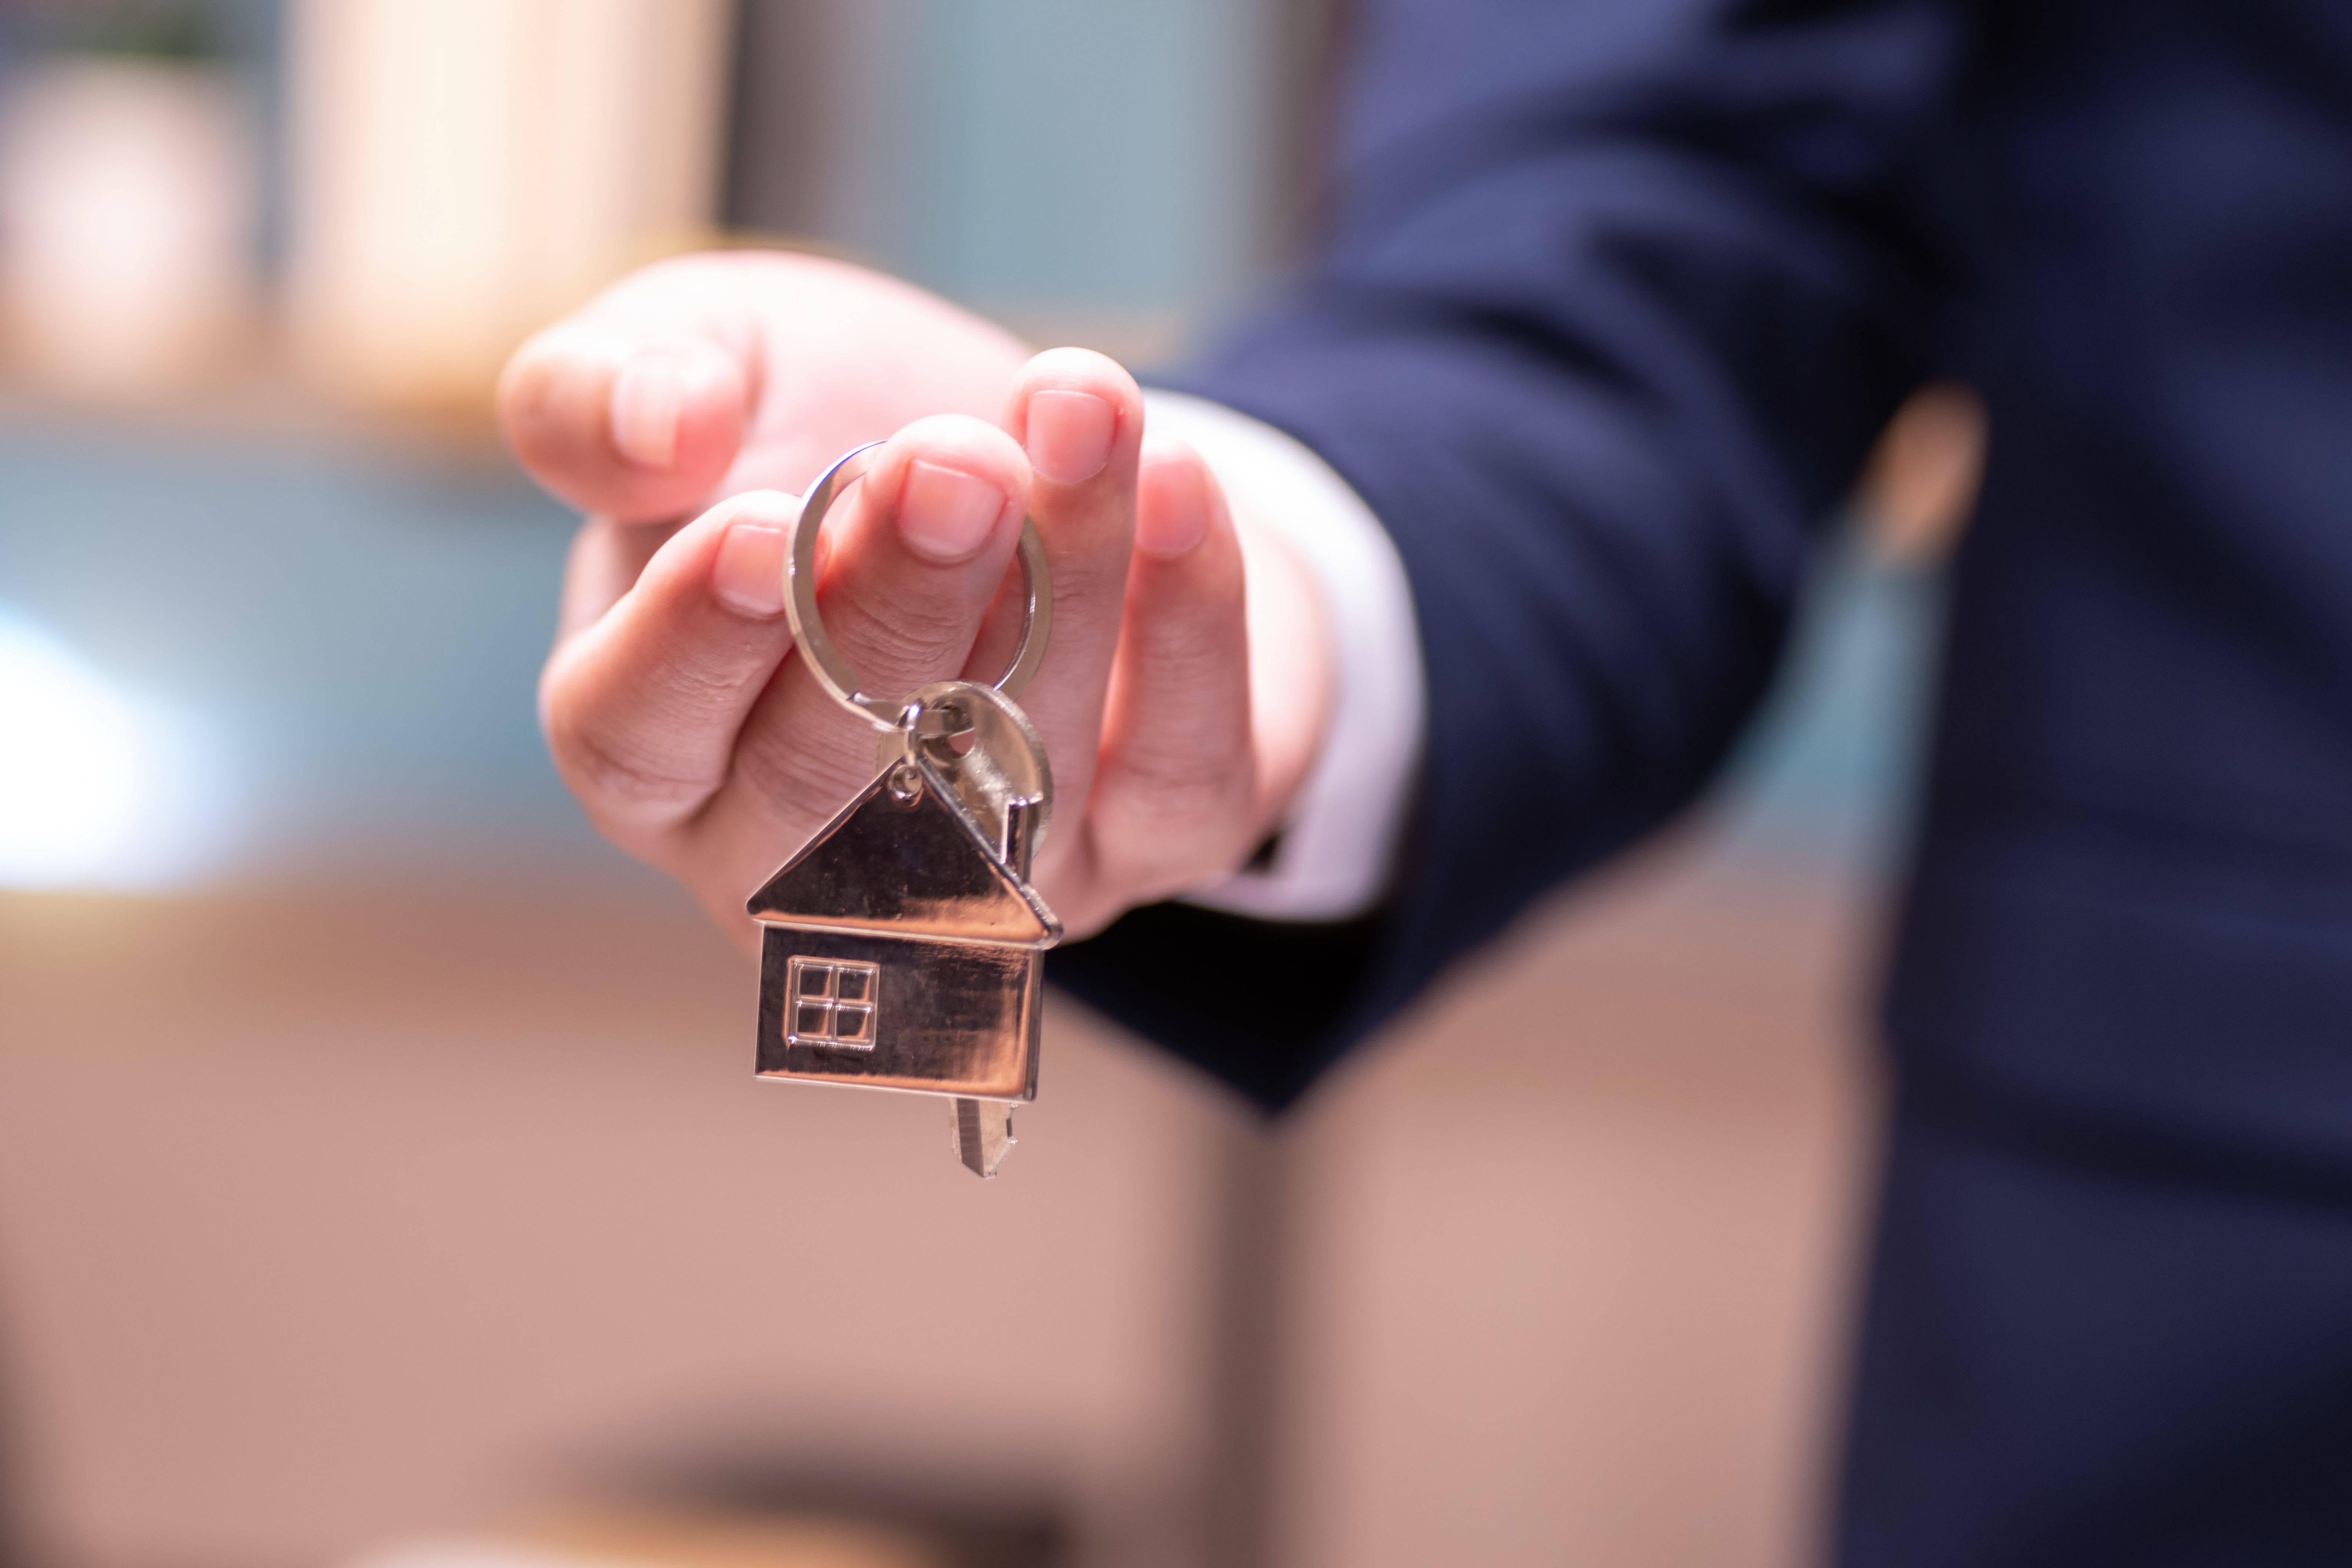 Как снять квартиру в польше на длительный срок и сколько стоит аренда жилья в 2019 году?